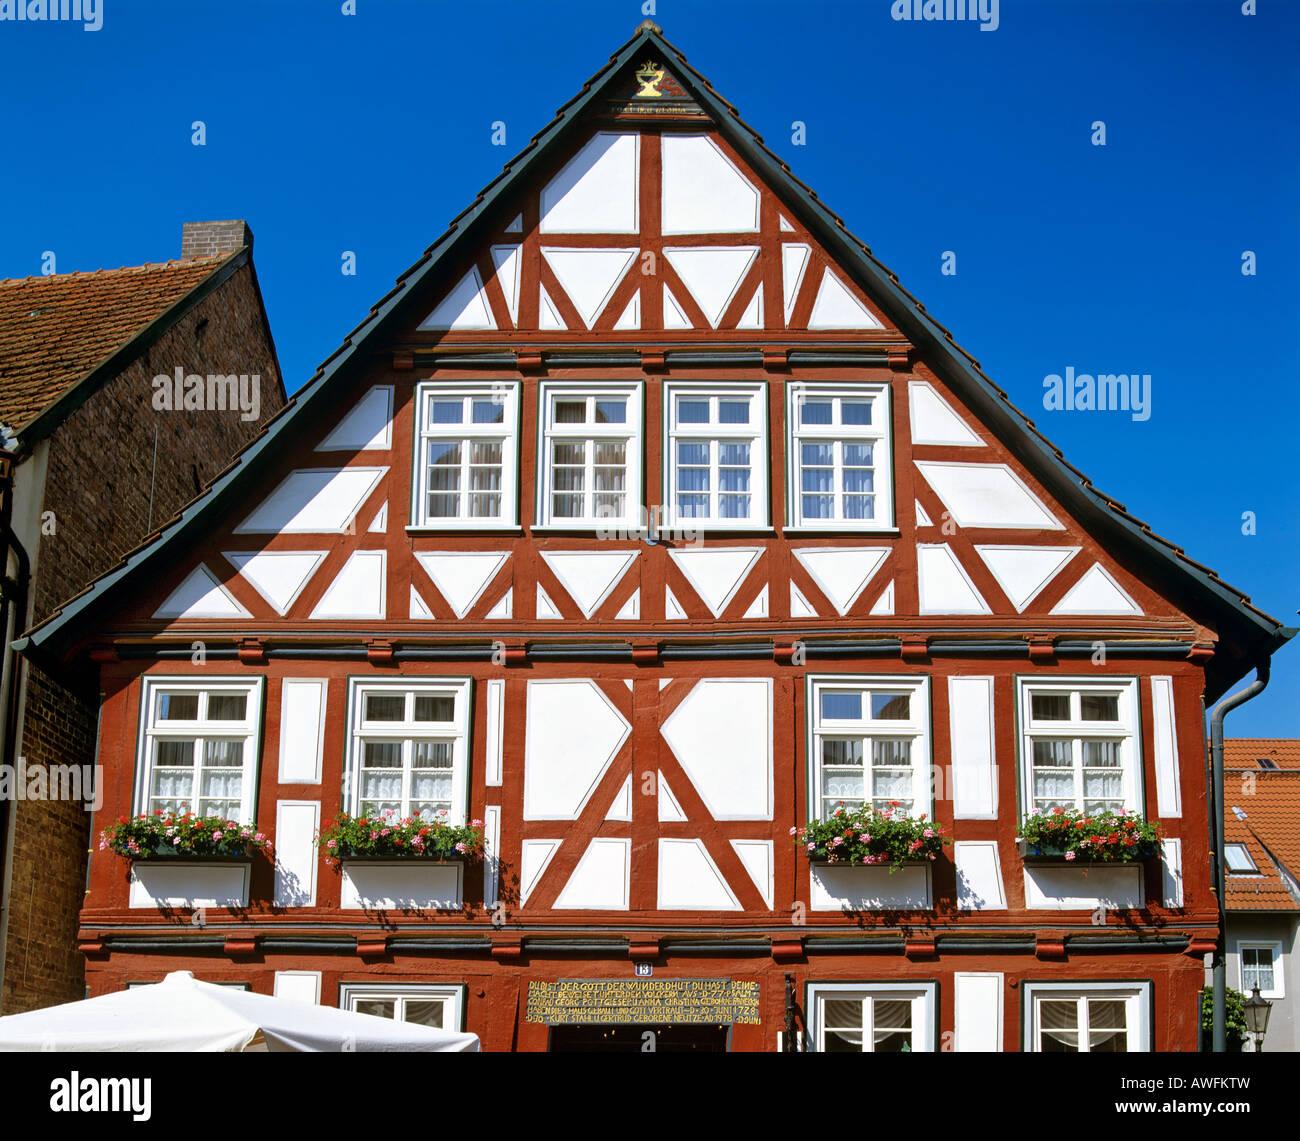 Fachwerk-style house in Hofgeismar, Hesse, Germany, Europe - Stock Image